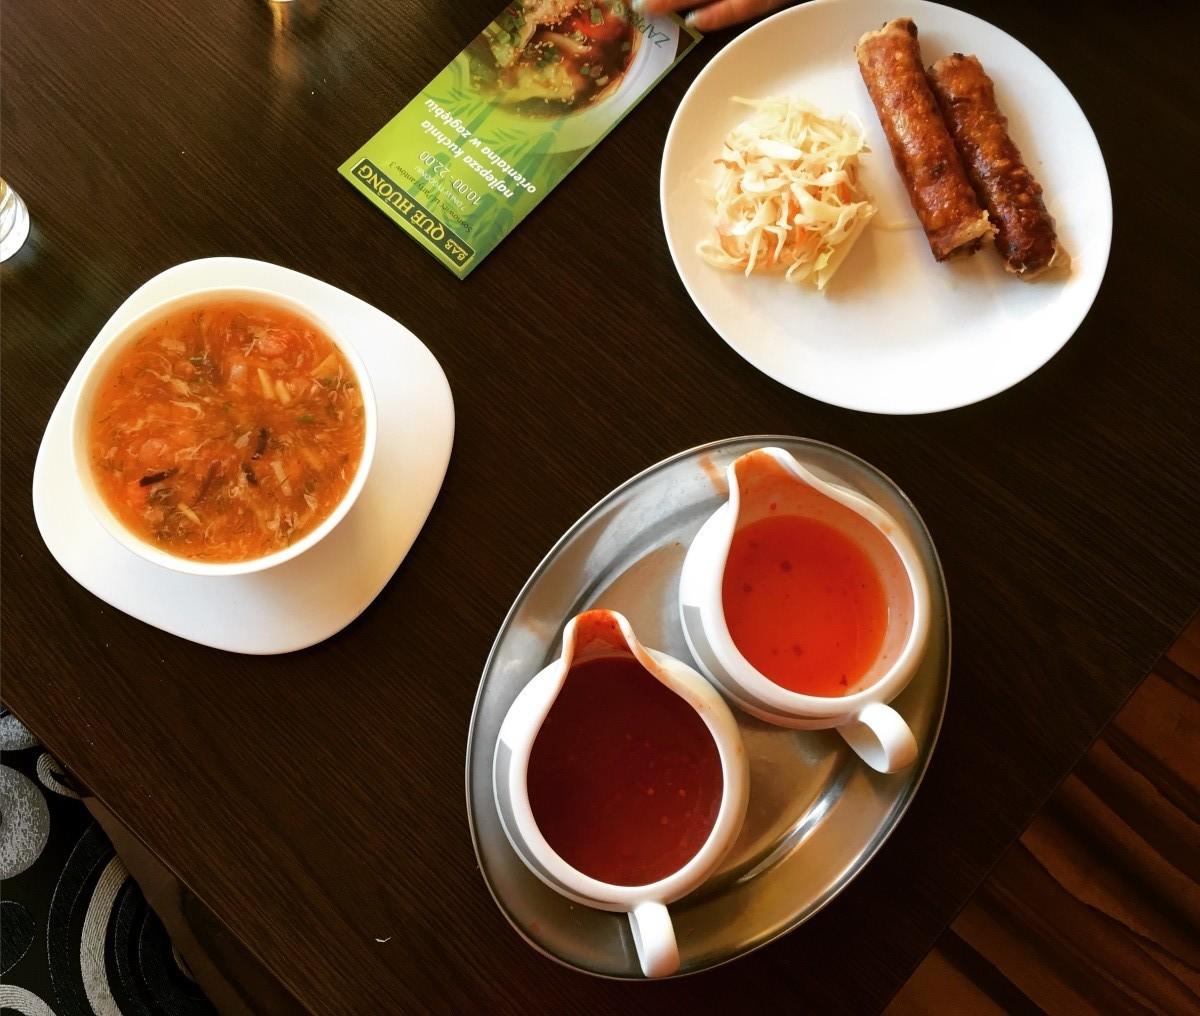 Bar Que Huong Naprawde Najlepsza Kuchnia Orientalna W Zaglebiu Street Food Polska